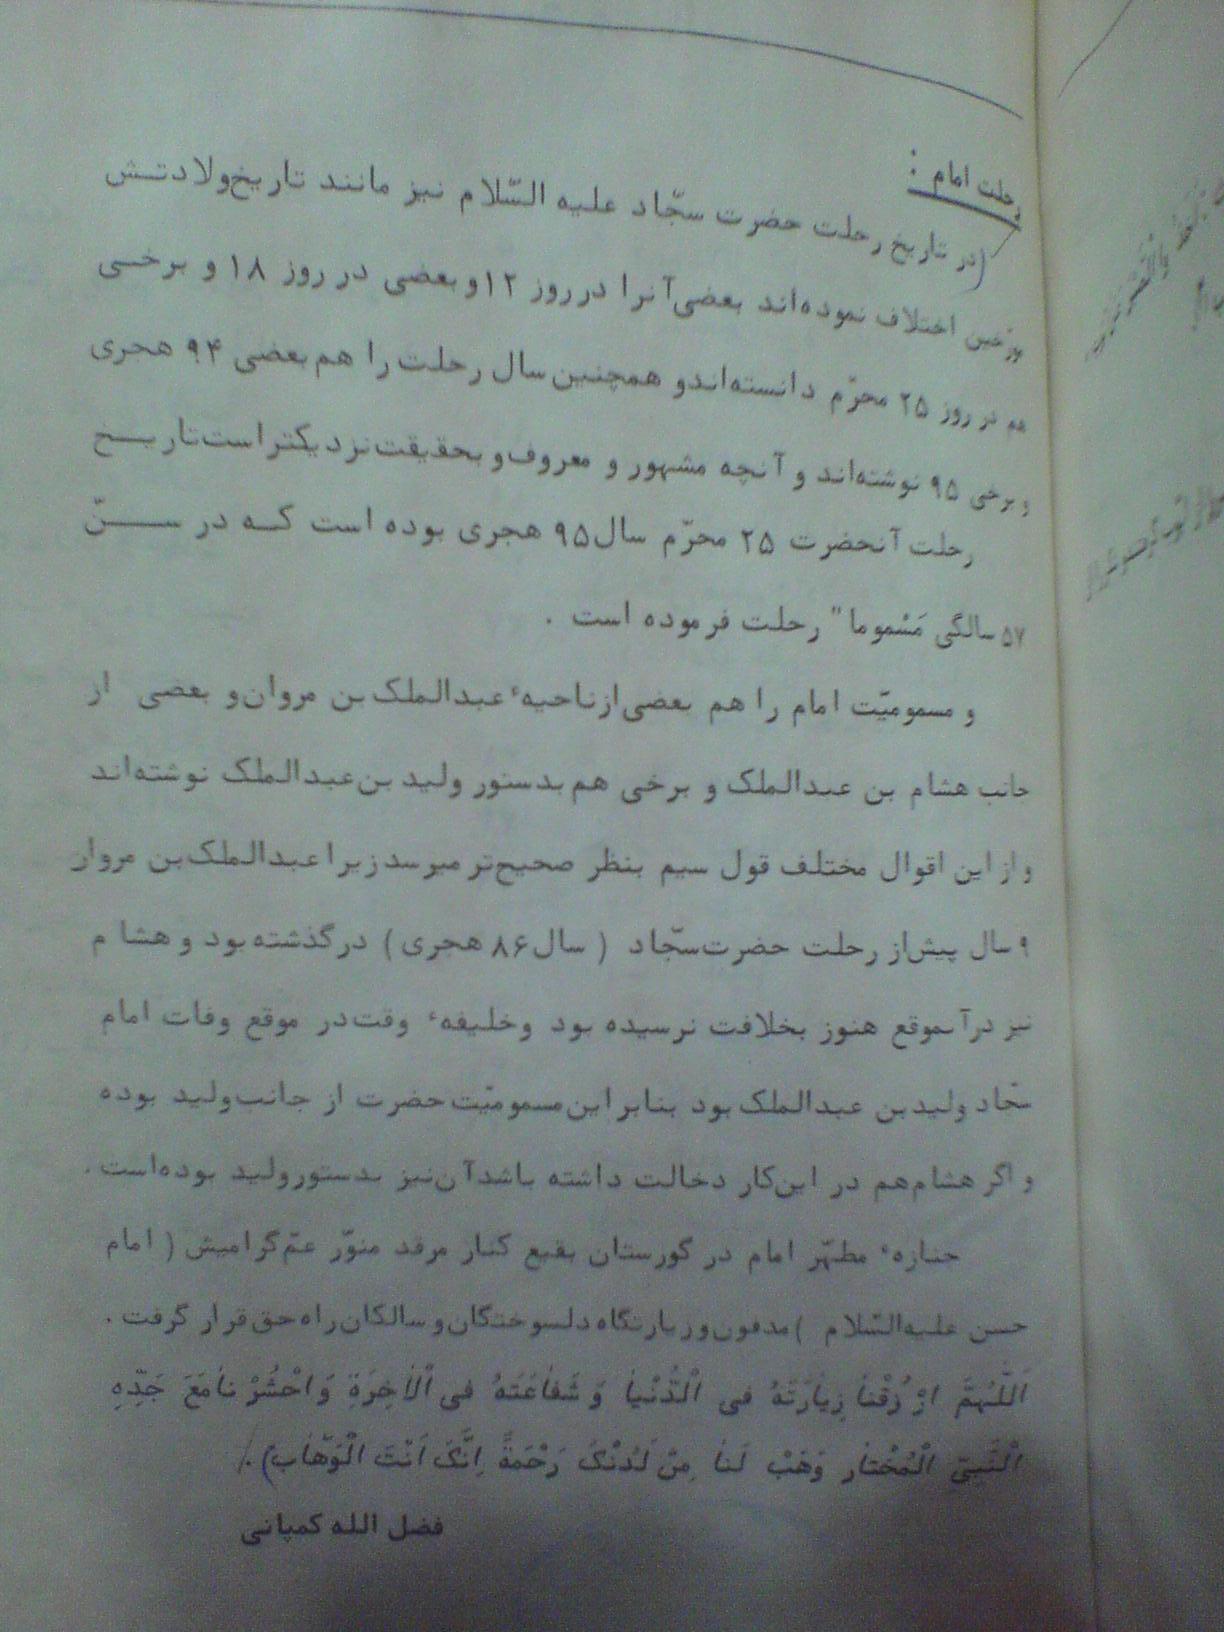 emam sajad book